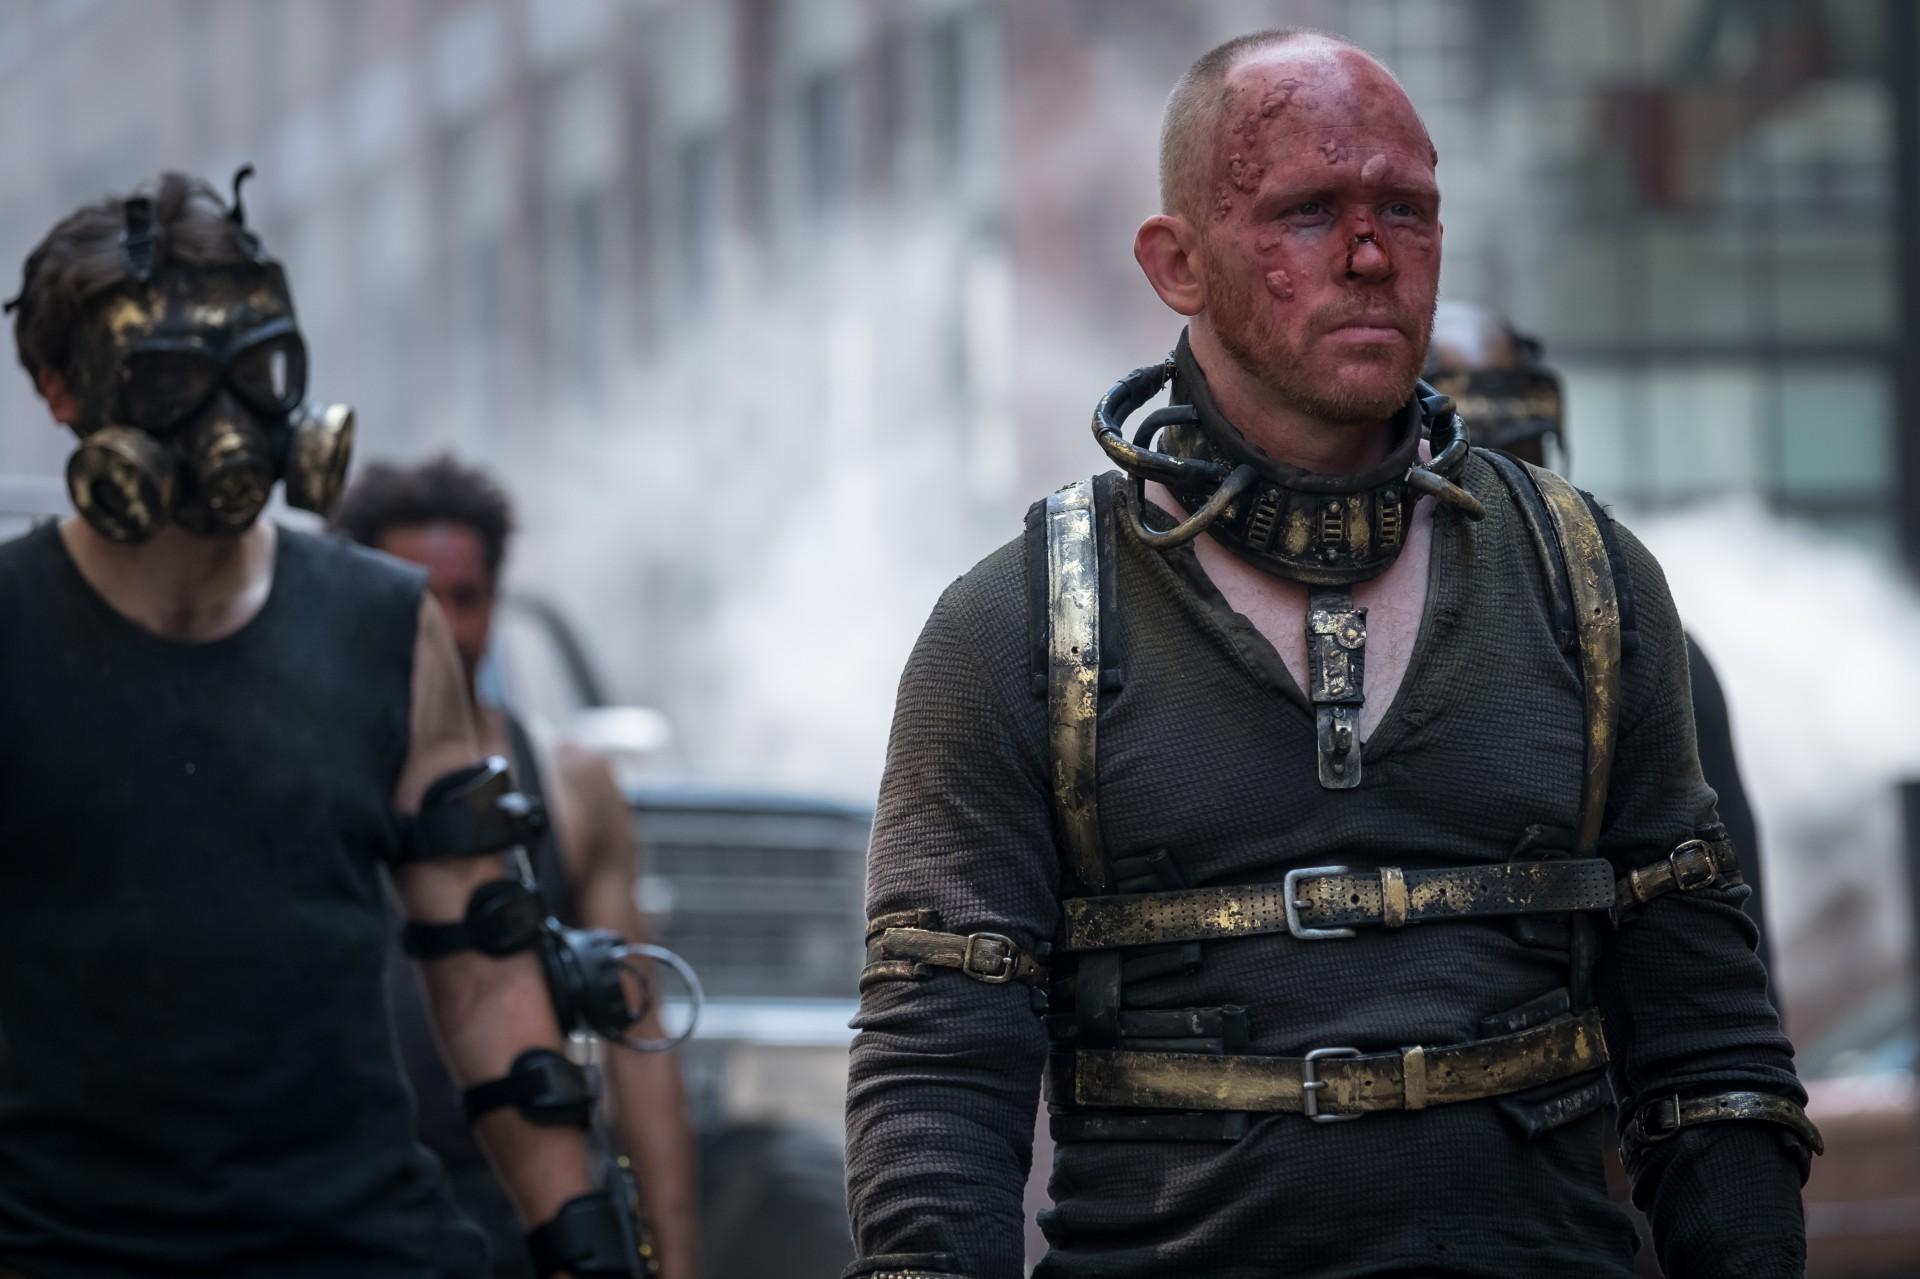 哥谭 第五季新剧照发布 戈登与芭芭拉等人对峙街头